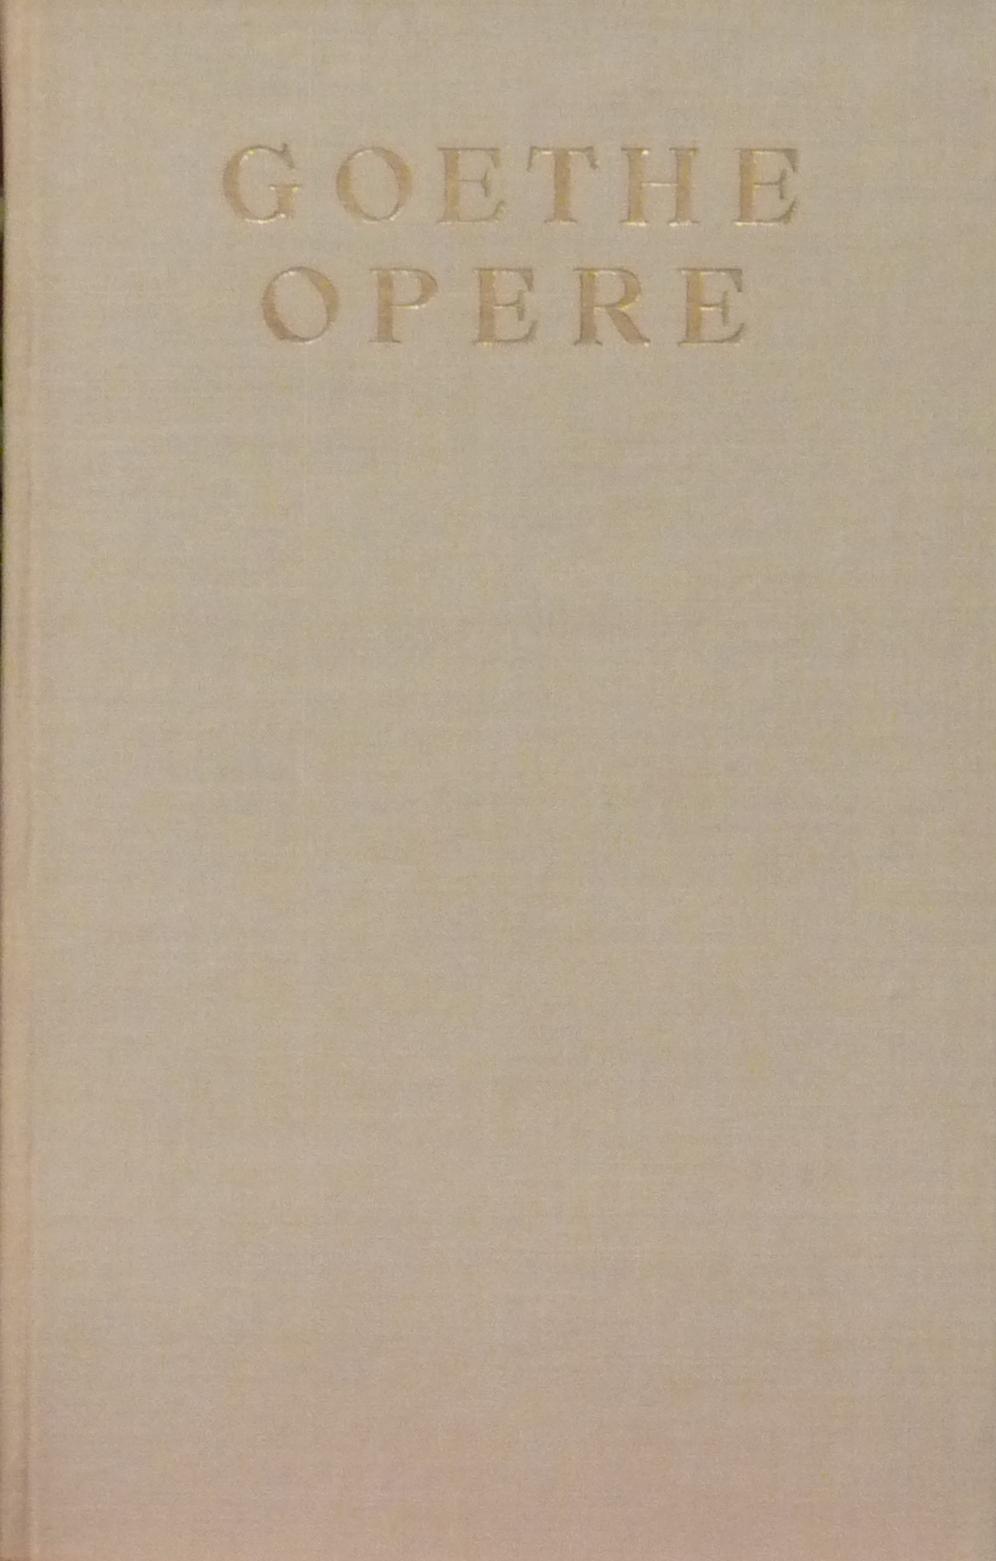 Opere - vol. 1